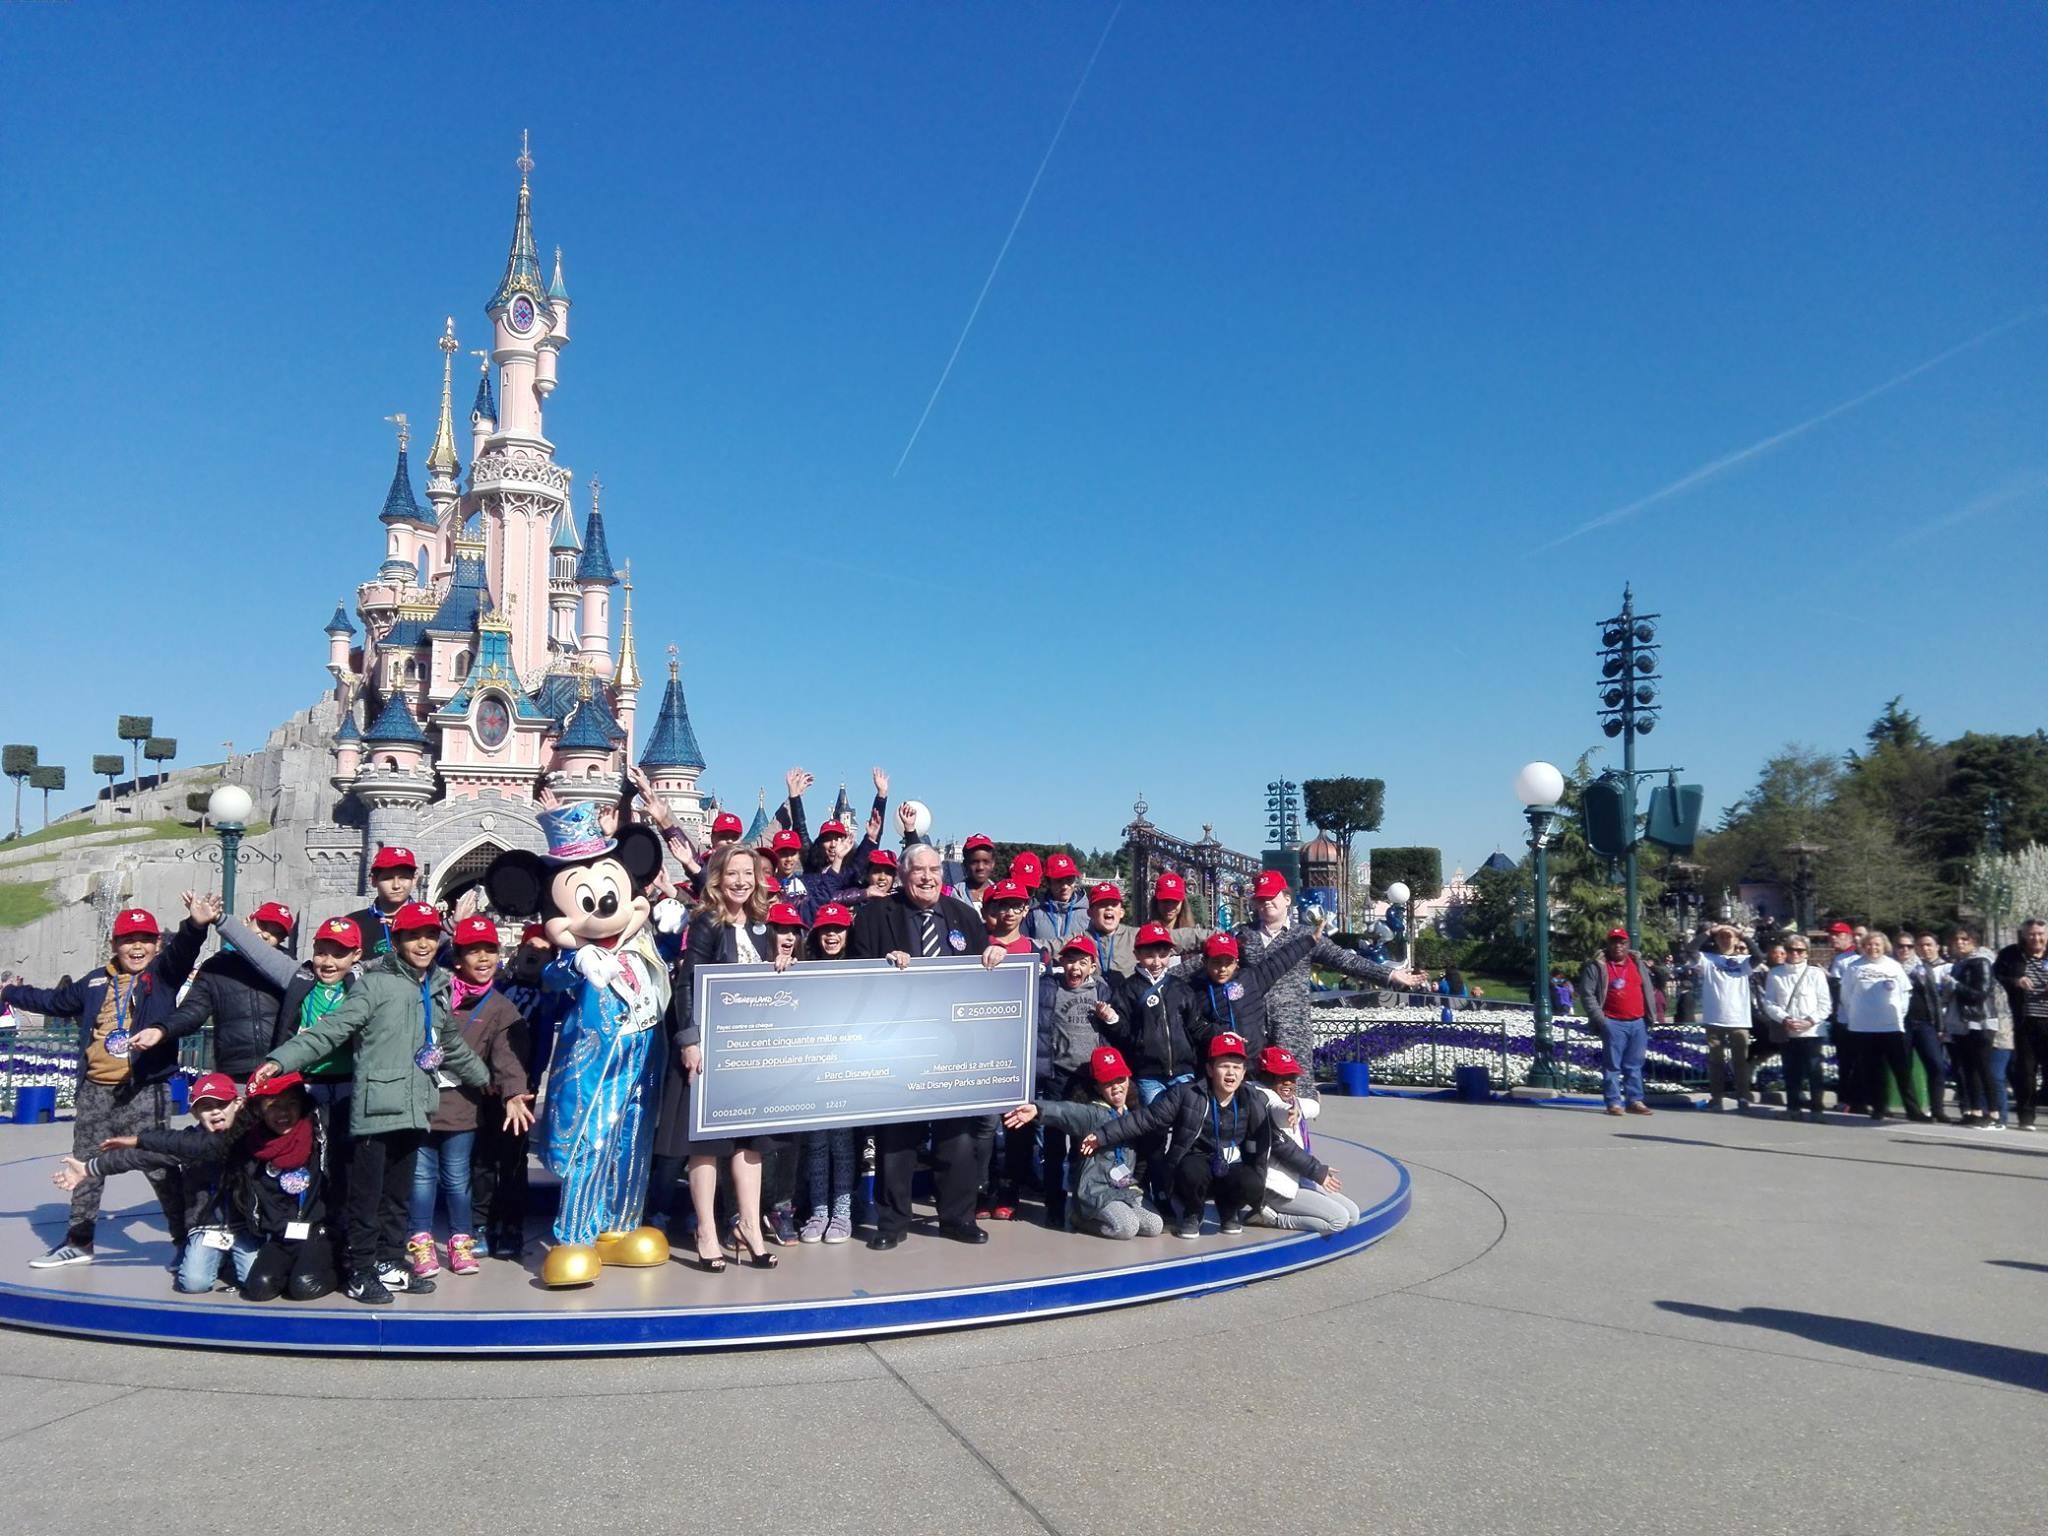 Secours populaire français - 25 ans de Disneyland Paris - 12 avril 2017